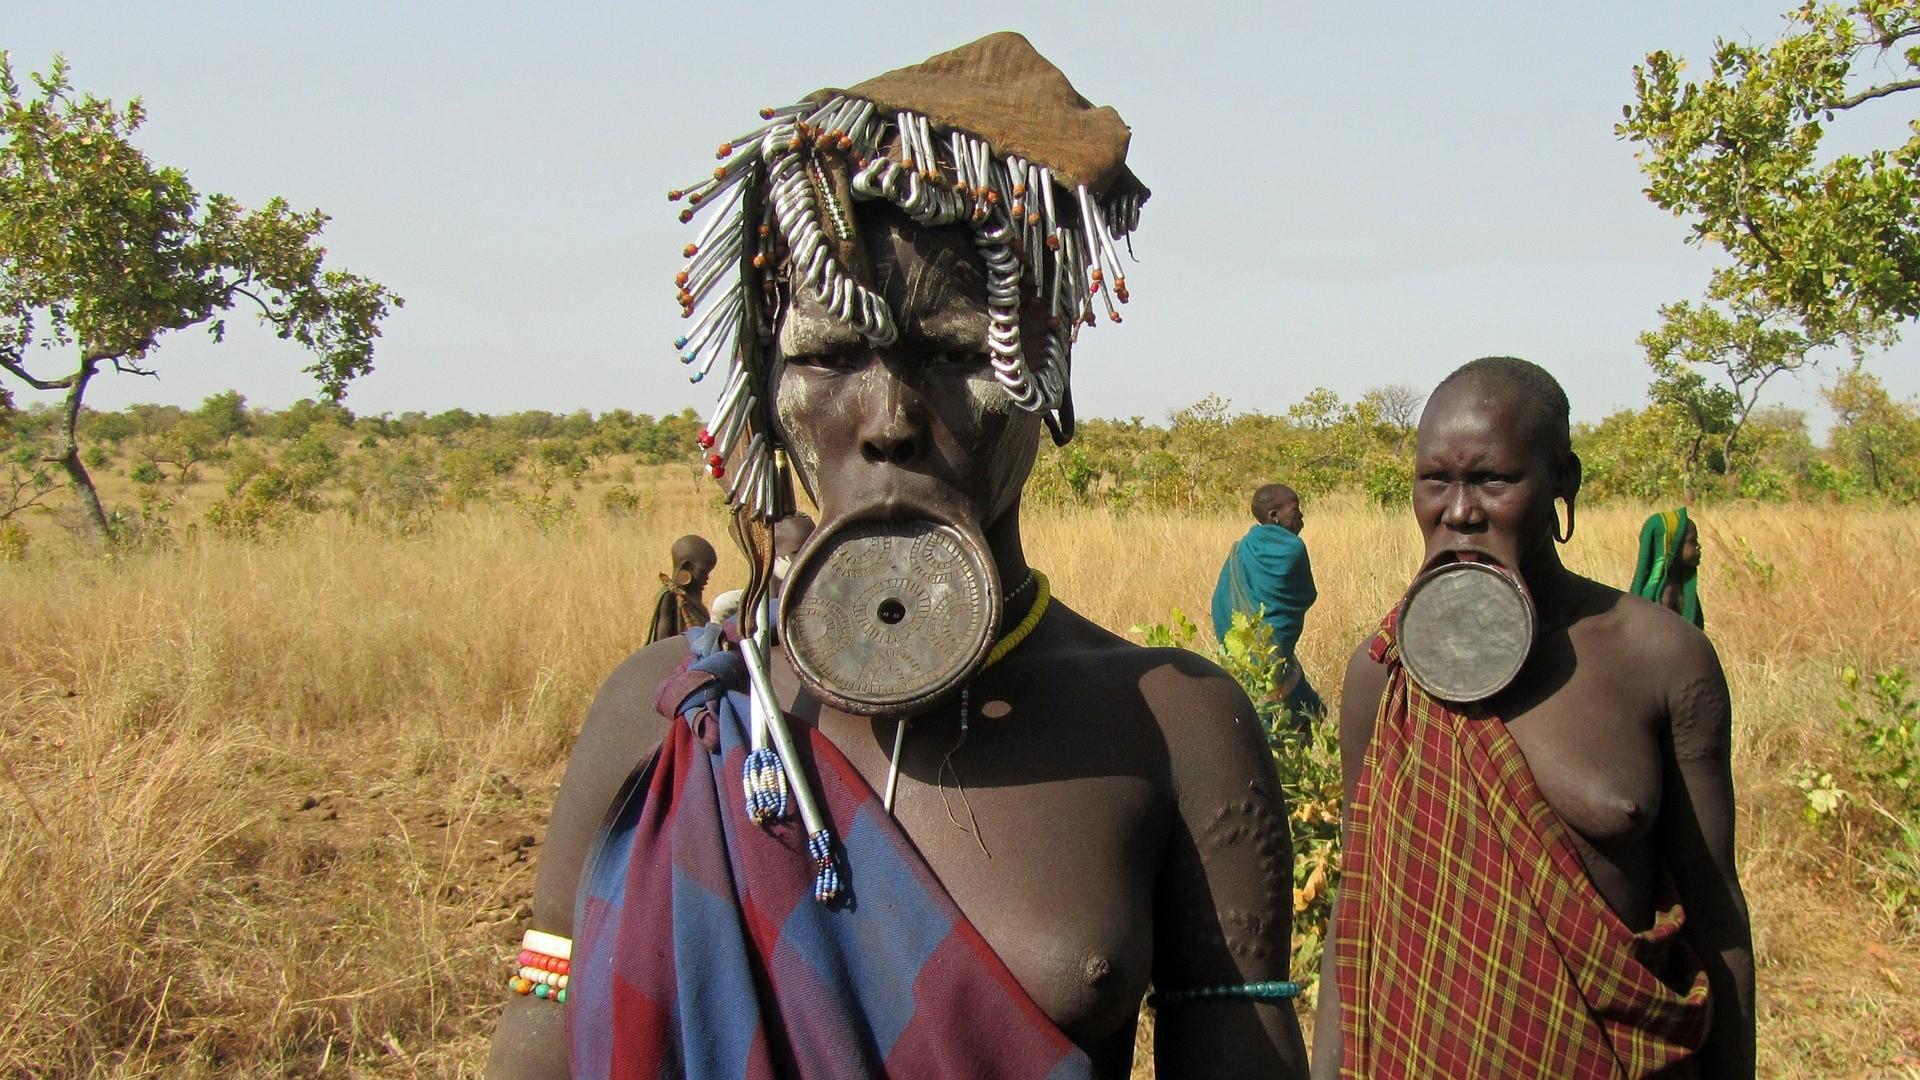 Manutenção dos povos nativos em seu território tem relação com preservação ambiental (Foto: Pixabay)